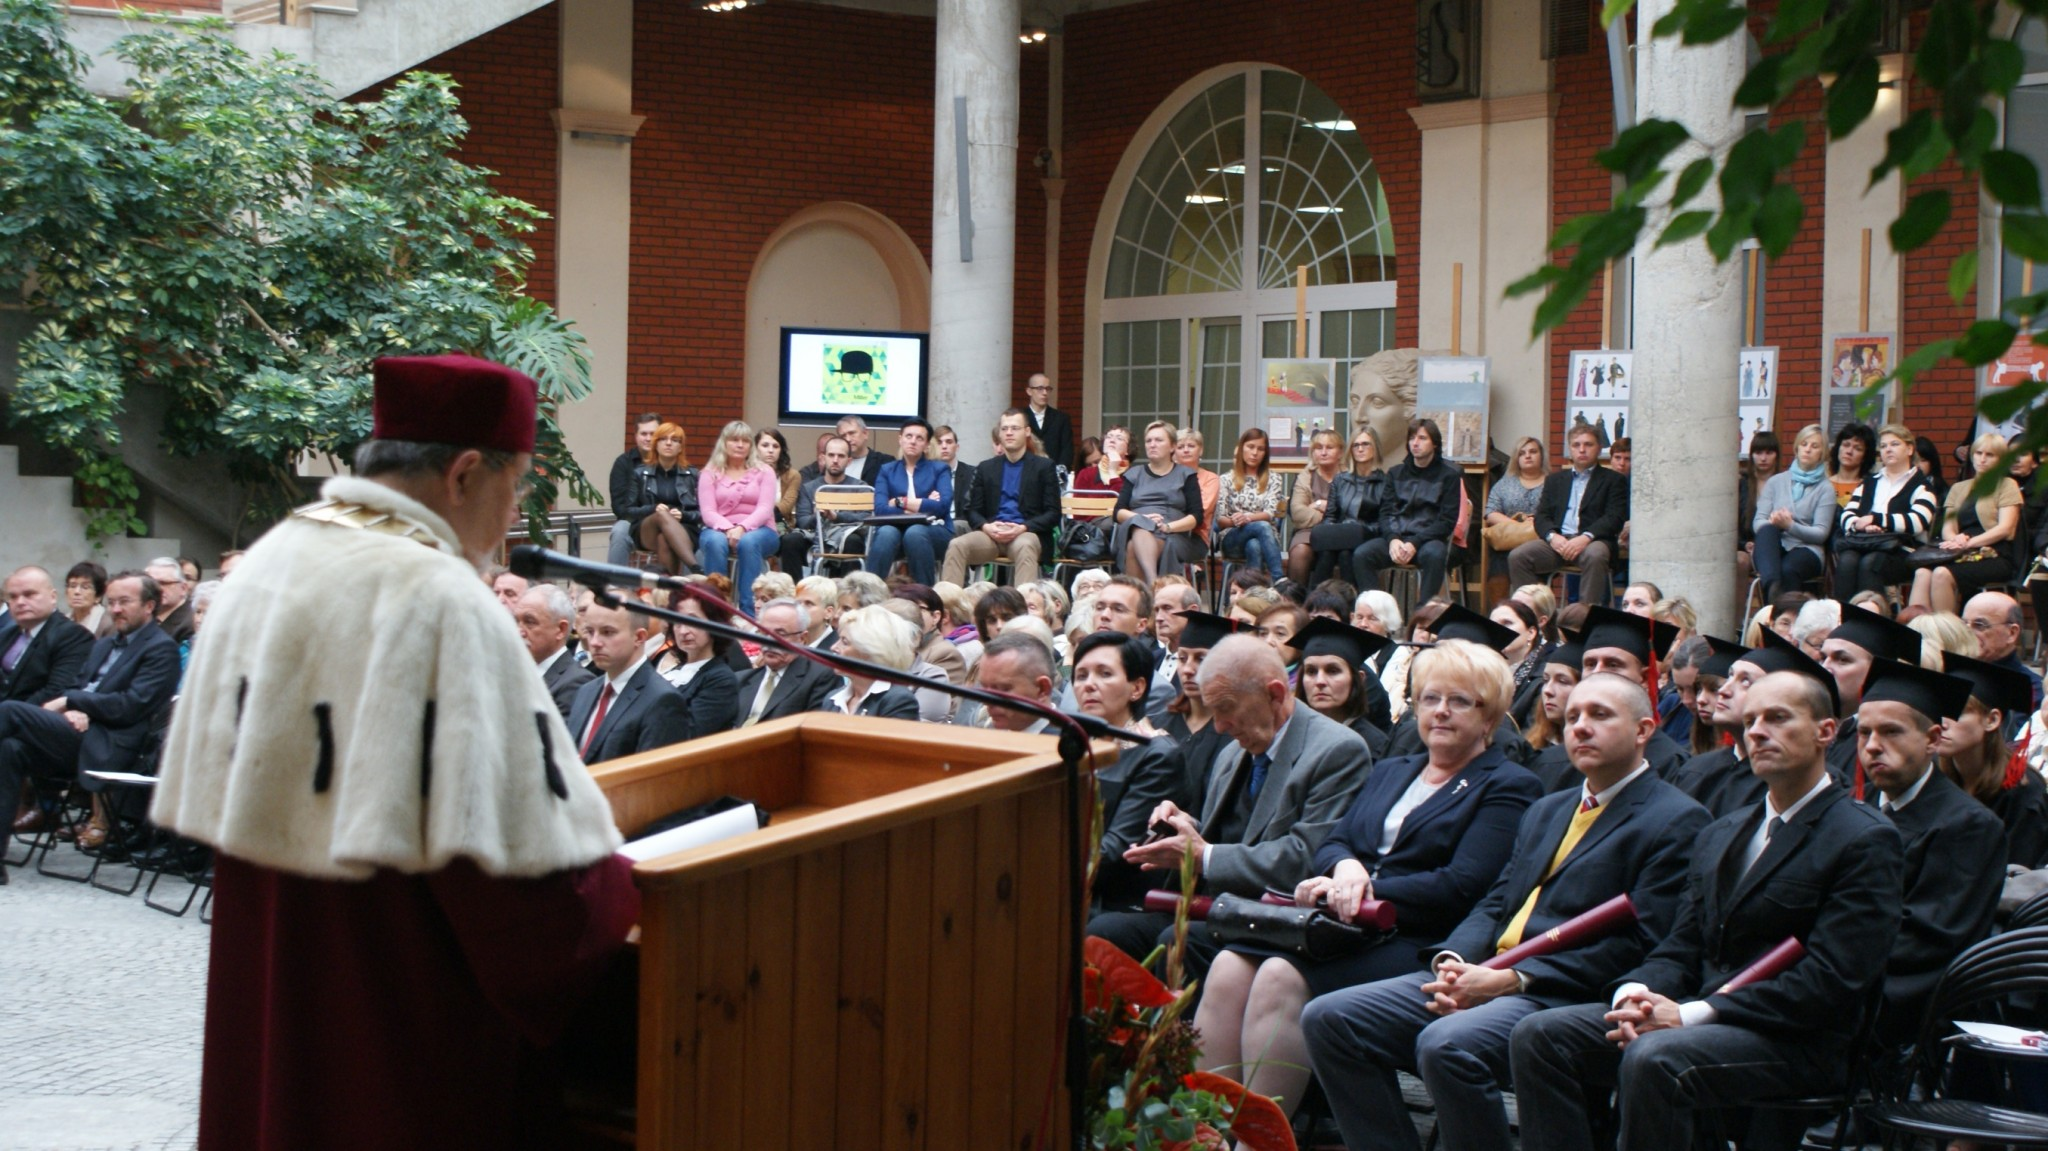 Przemówienie JM Rektora prof. dr hab. inż. Andrzeja Lecha Koszmidera 2